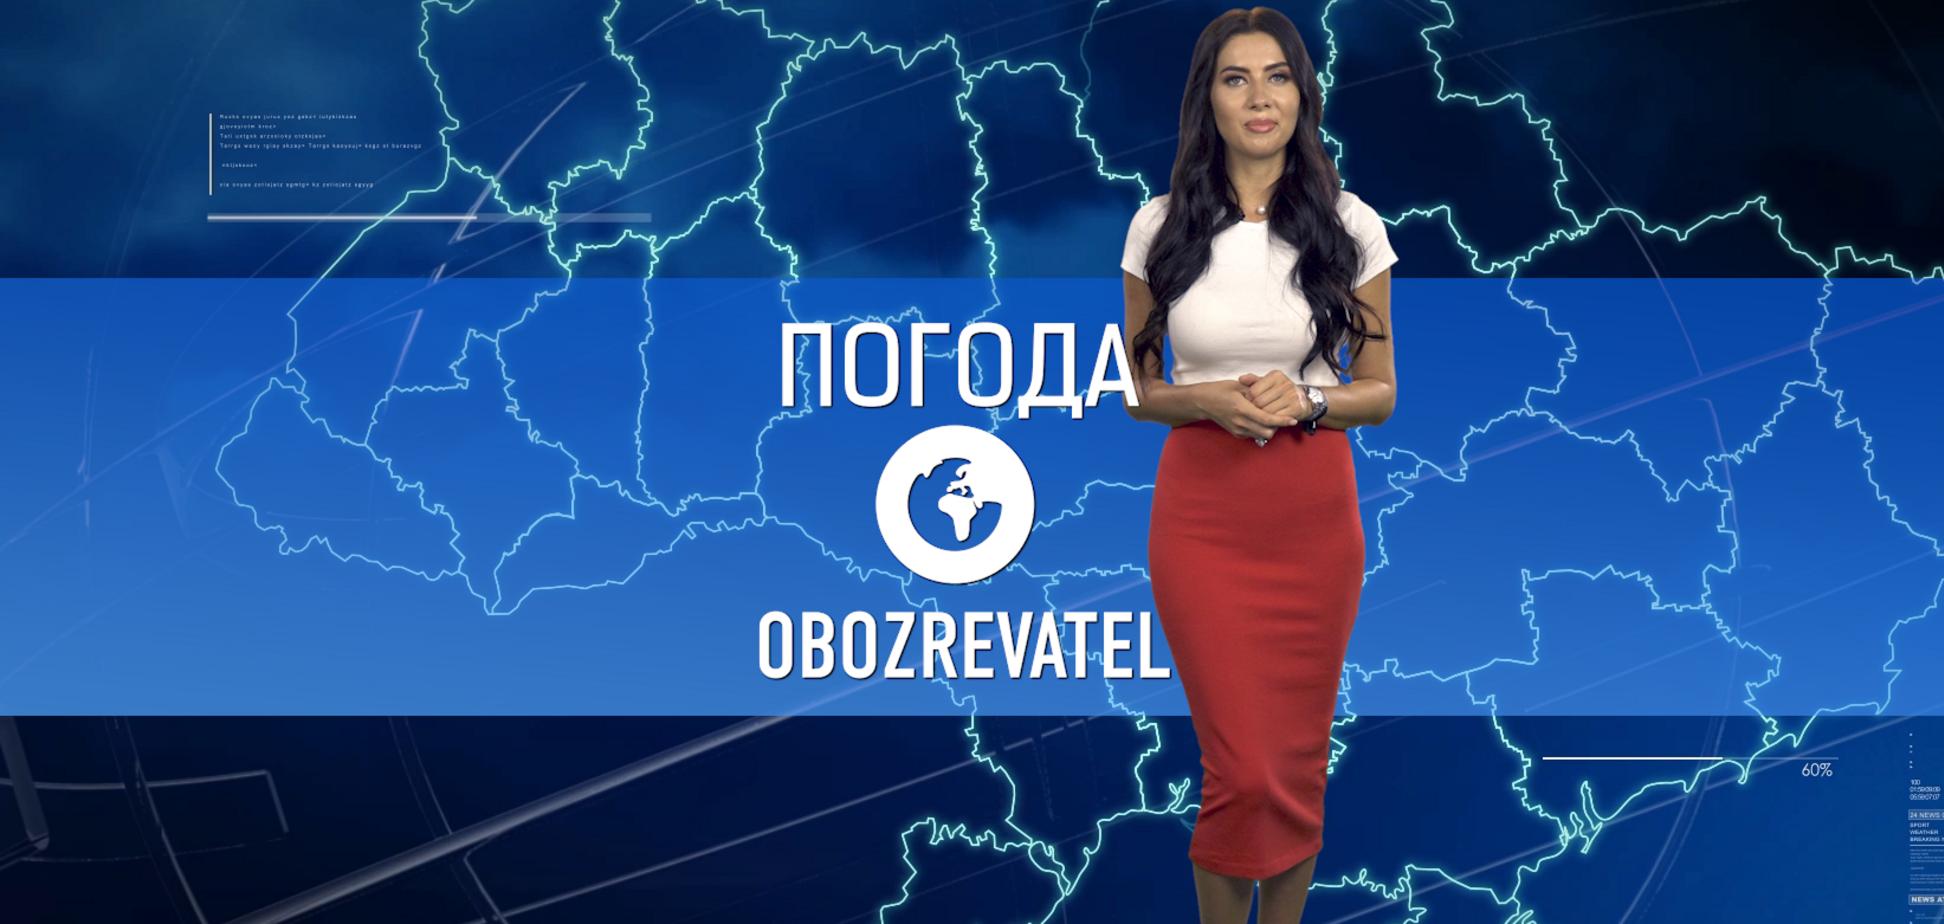 Прогноз погоды в Украине на четверг, 17 июня, с Алисой Мярковской